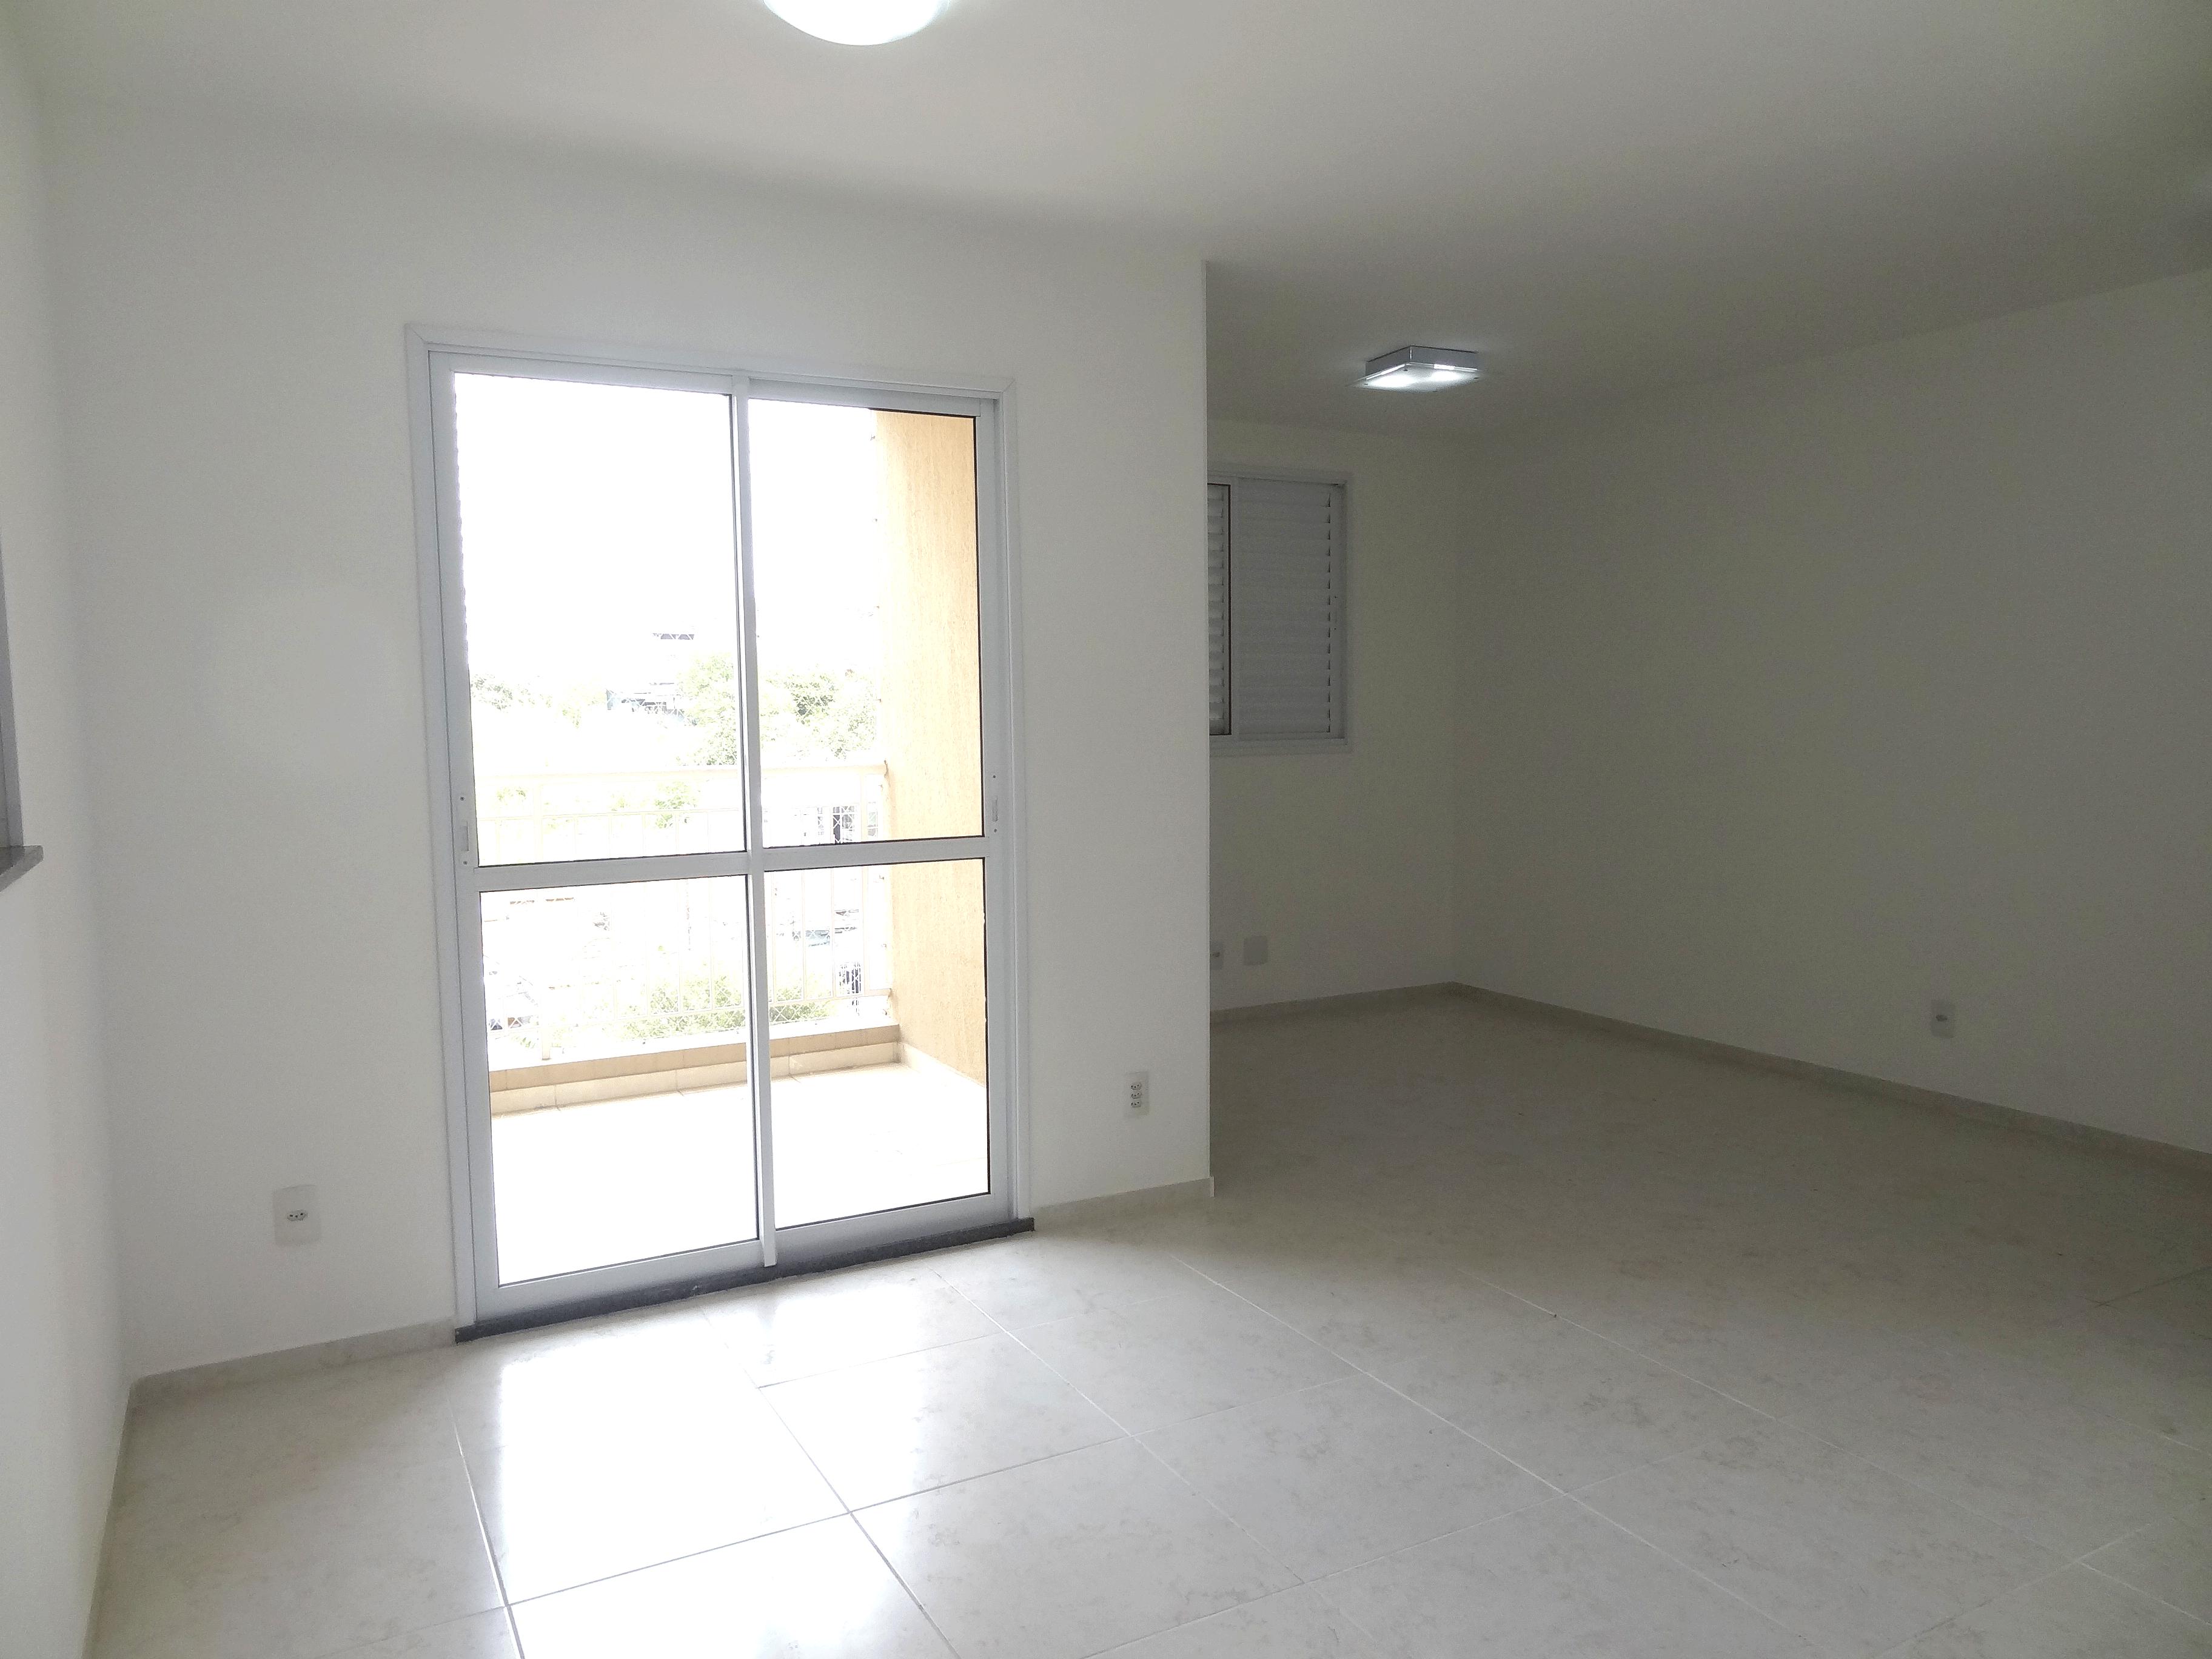 Sacomã, Apartamento Padrão - Sala em L ampliada com piso de porcelanato e acesso à varanda (2º dormitório transformado em sala ampliada).